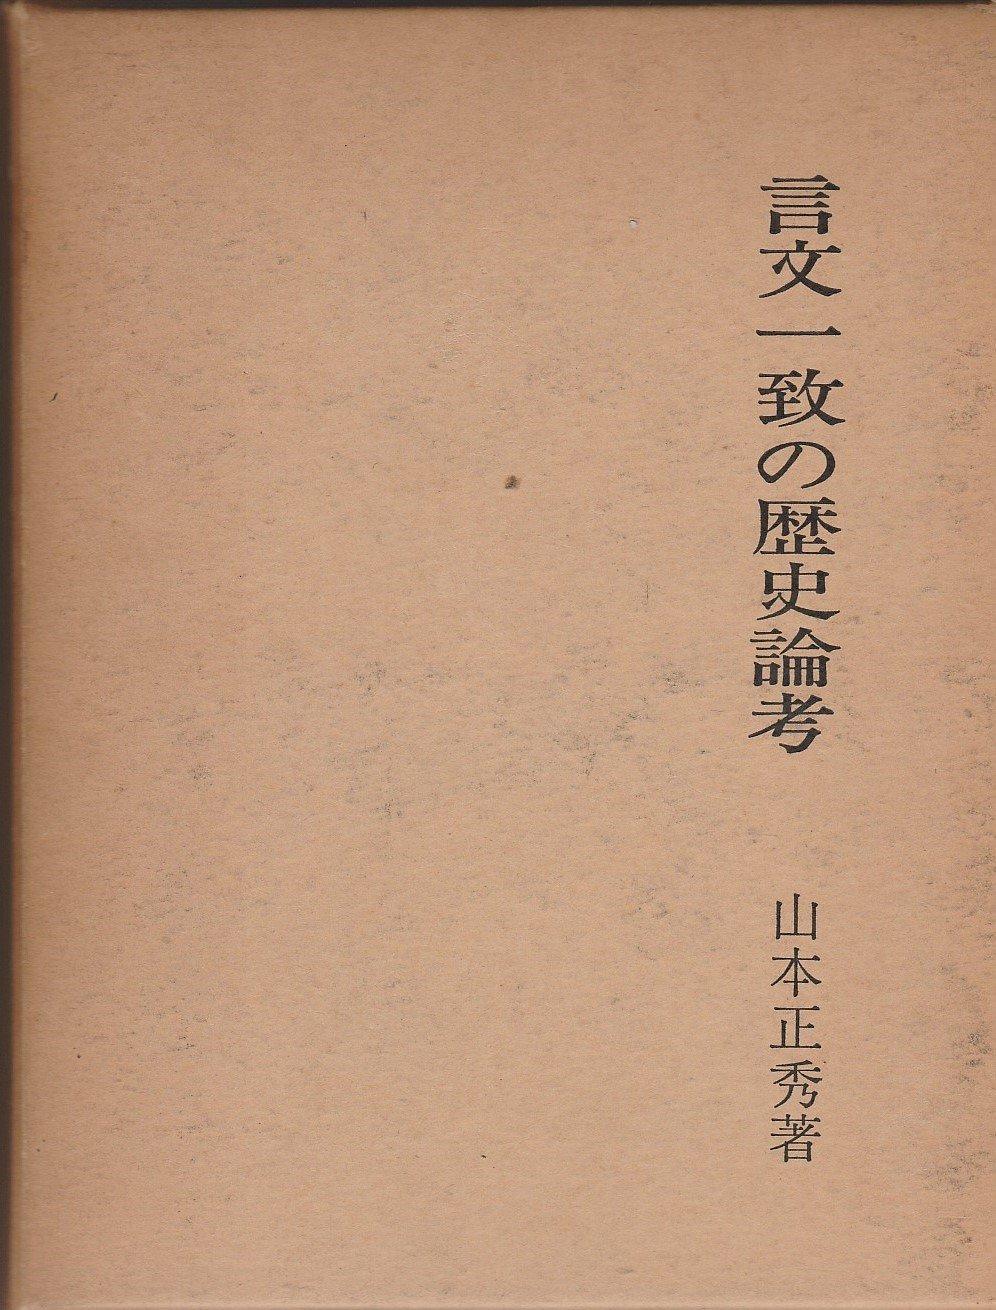 言文一致の歴史論考 (1971年) | 山本 正秀 |本 | 通販 | Amazon